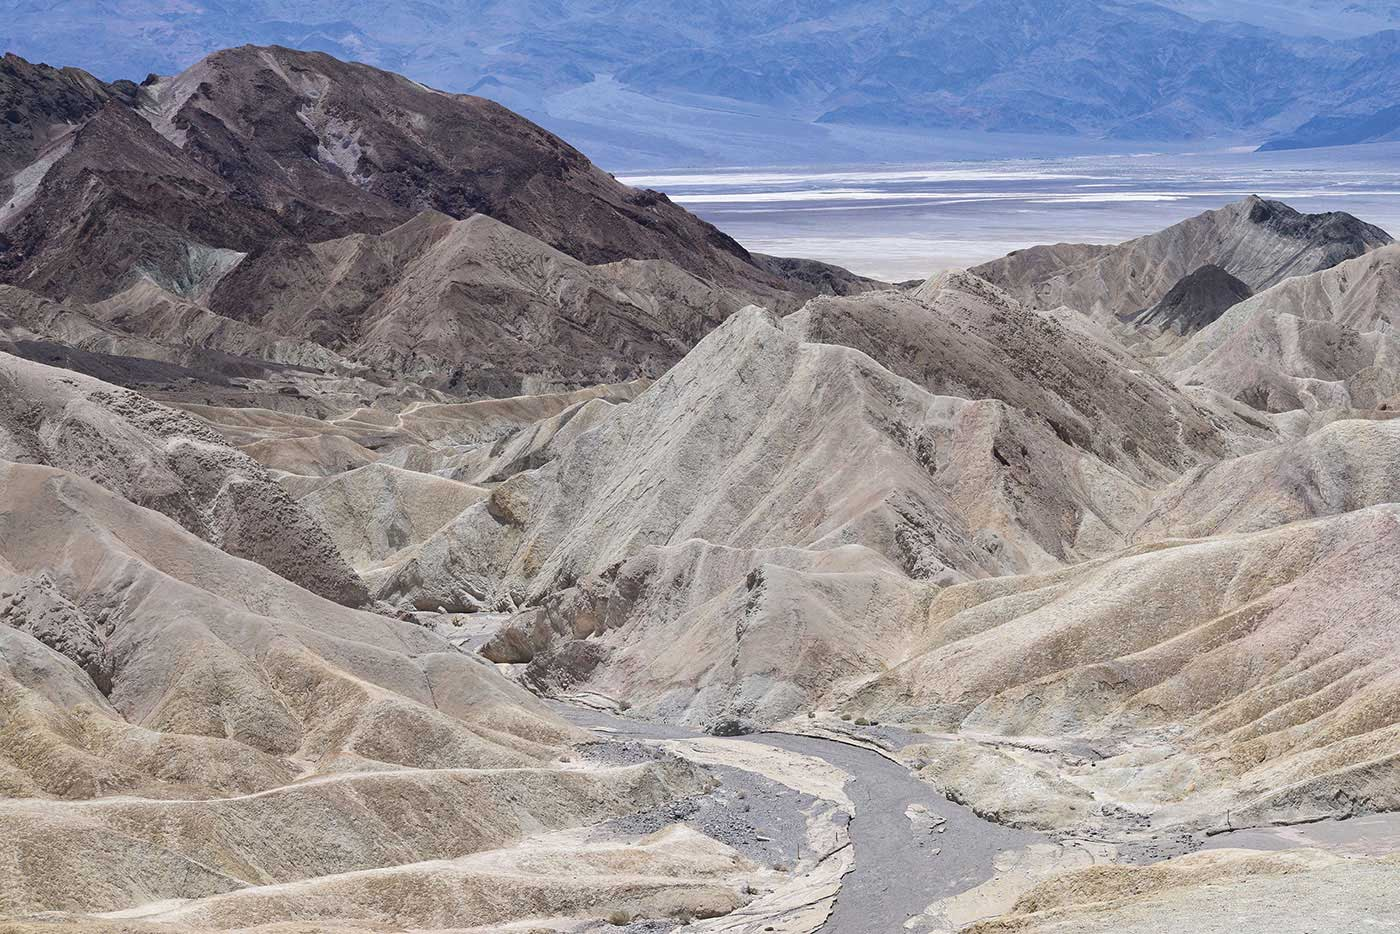 Audrey G. Travis - Death Valley II